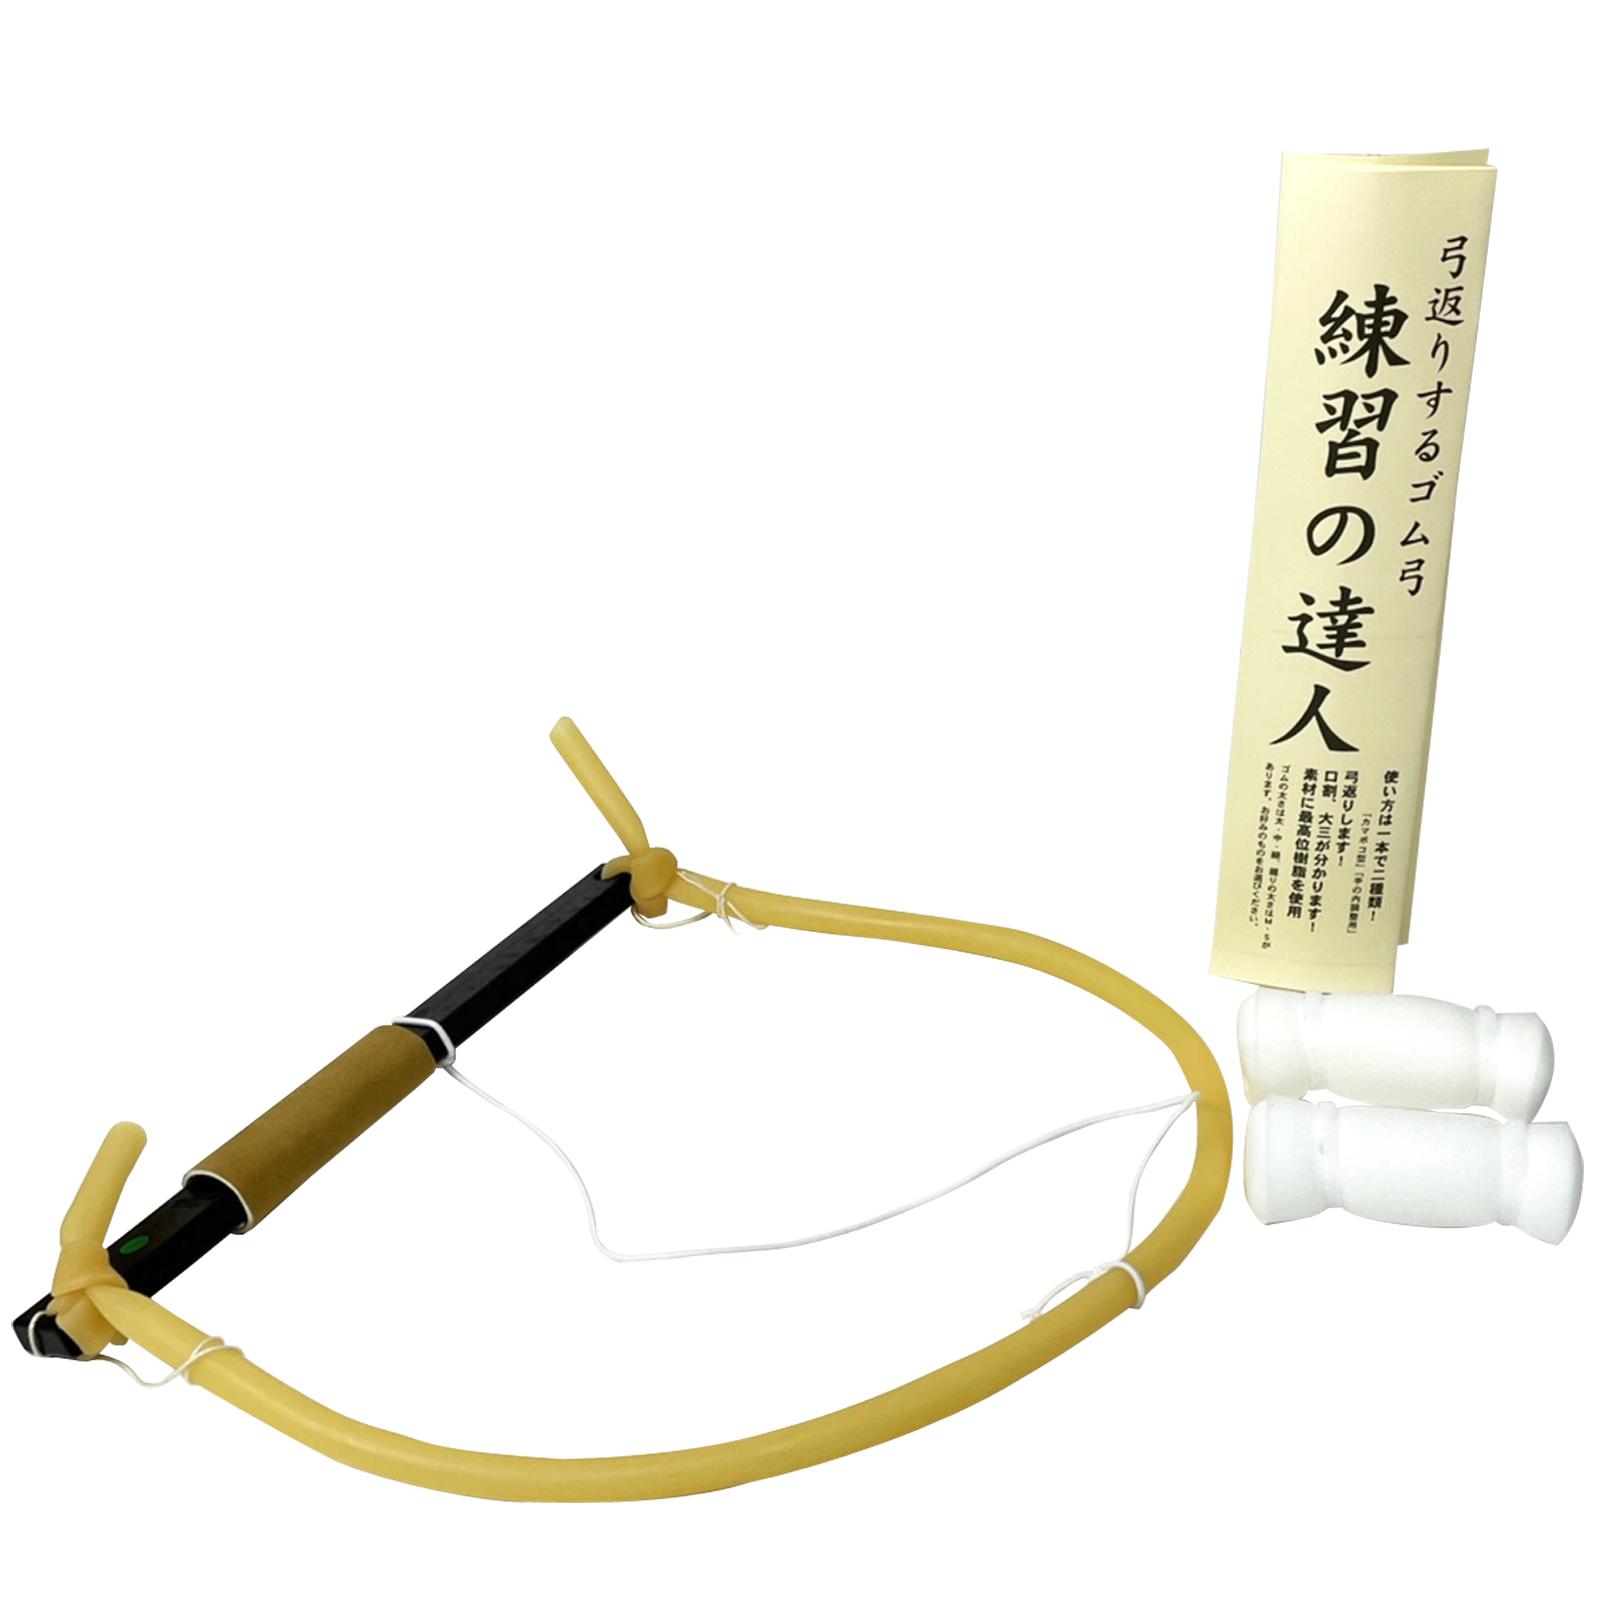 握りの太さは2種類(大/小)上下にゴムがついています。 弓道 ゴム弓 練習の達人(れんしゅうのたつじん)弓具 F-061